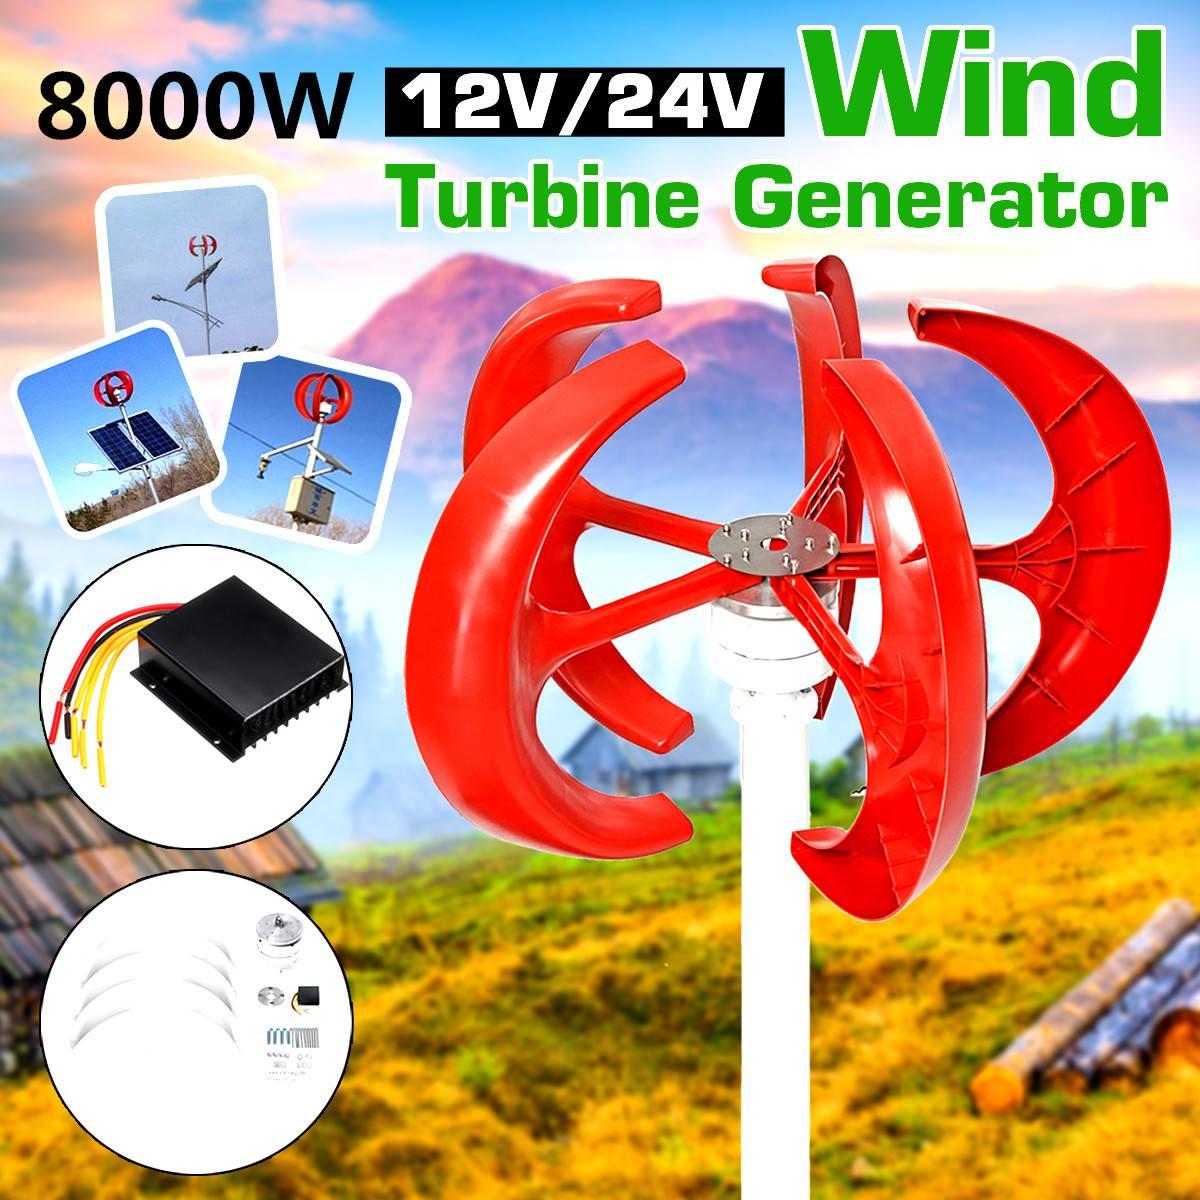 مولد توربينات الرياح 8000 وات ، مجموعة محرك فانوس بمحور عمودي ، 5 شفرات 12 فولت 24 فولت ، للاستخدام المنزلي وللشوارع الهجينة